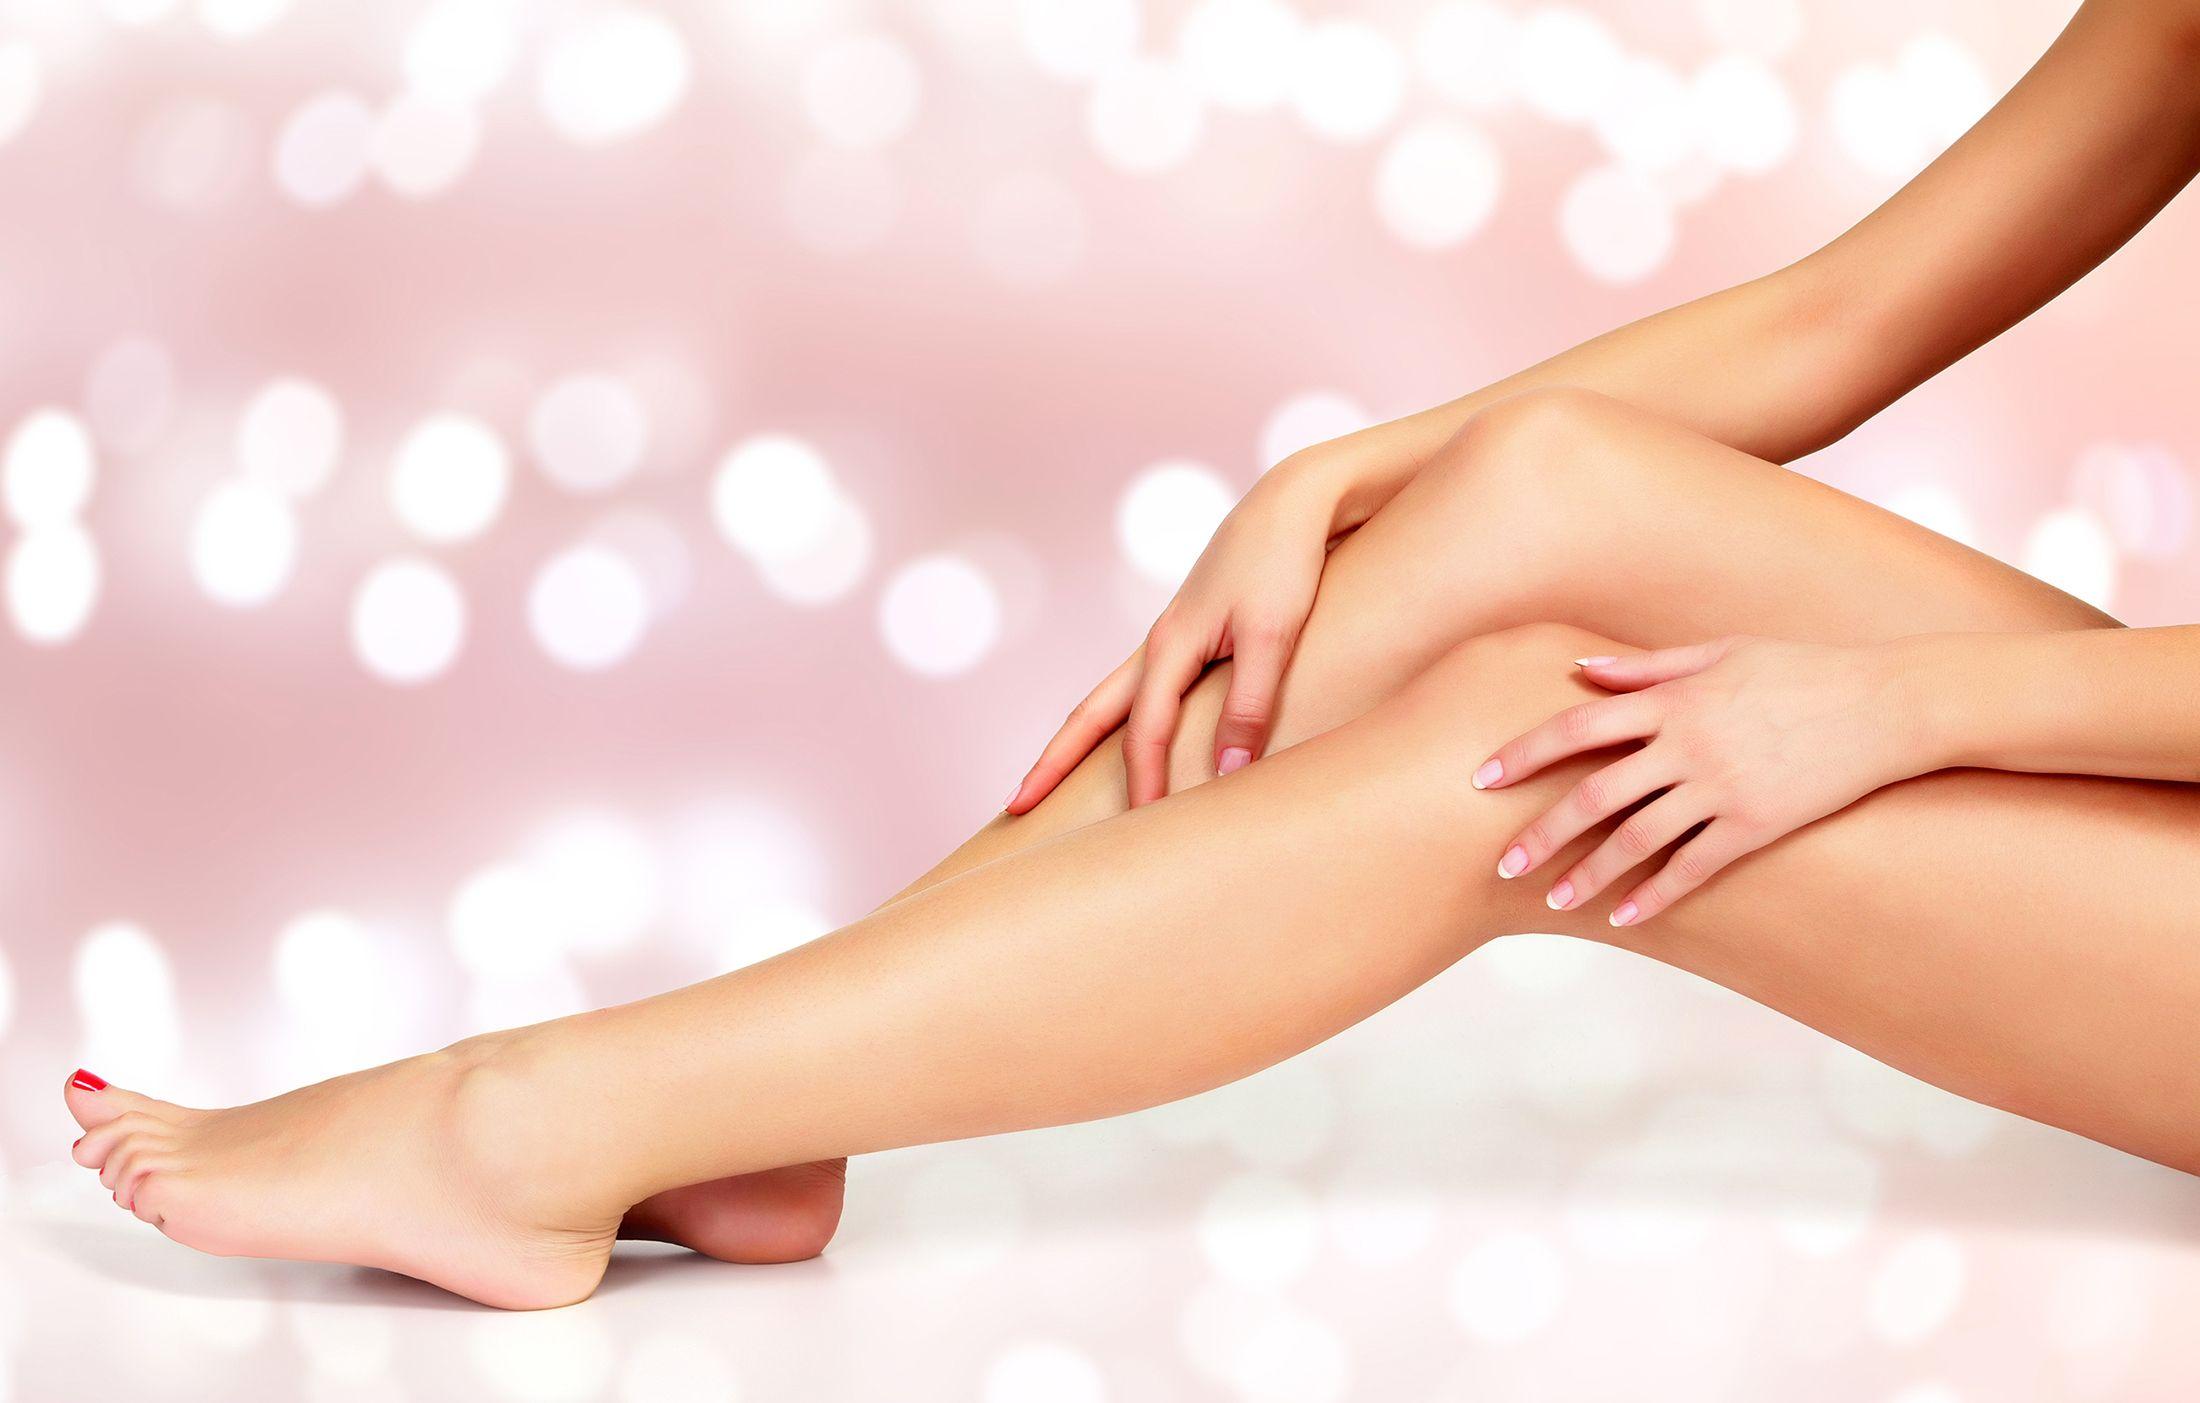 Luce unas piernas suaves y bonitas